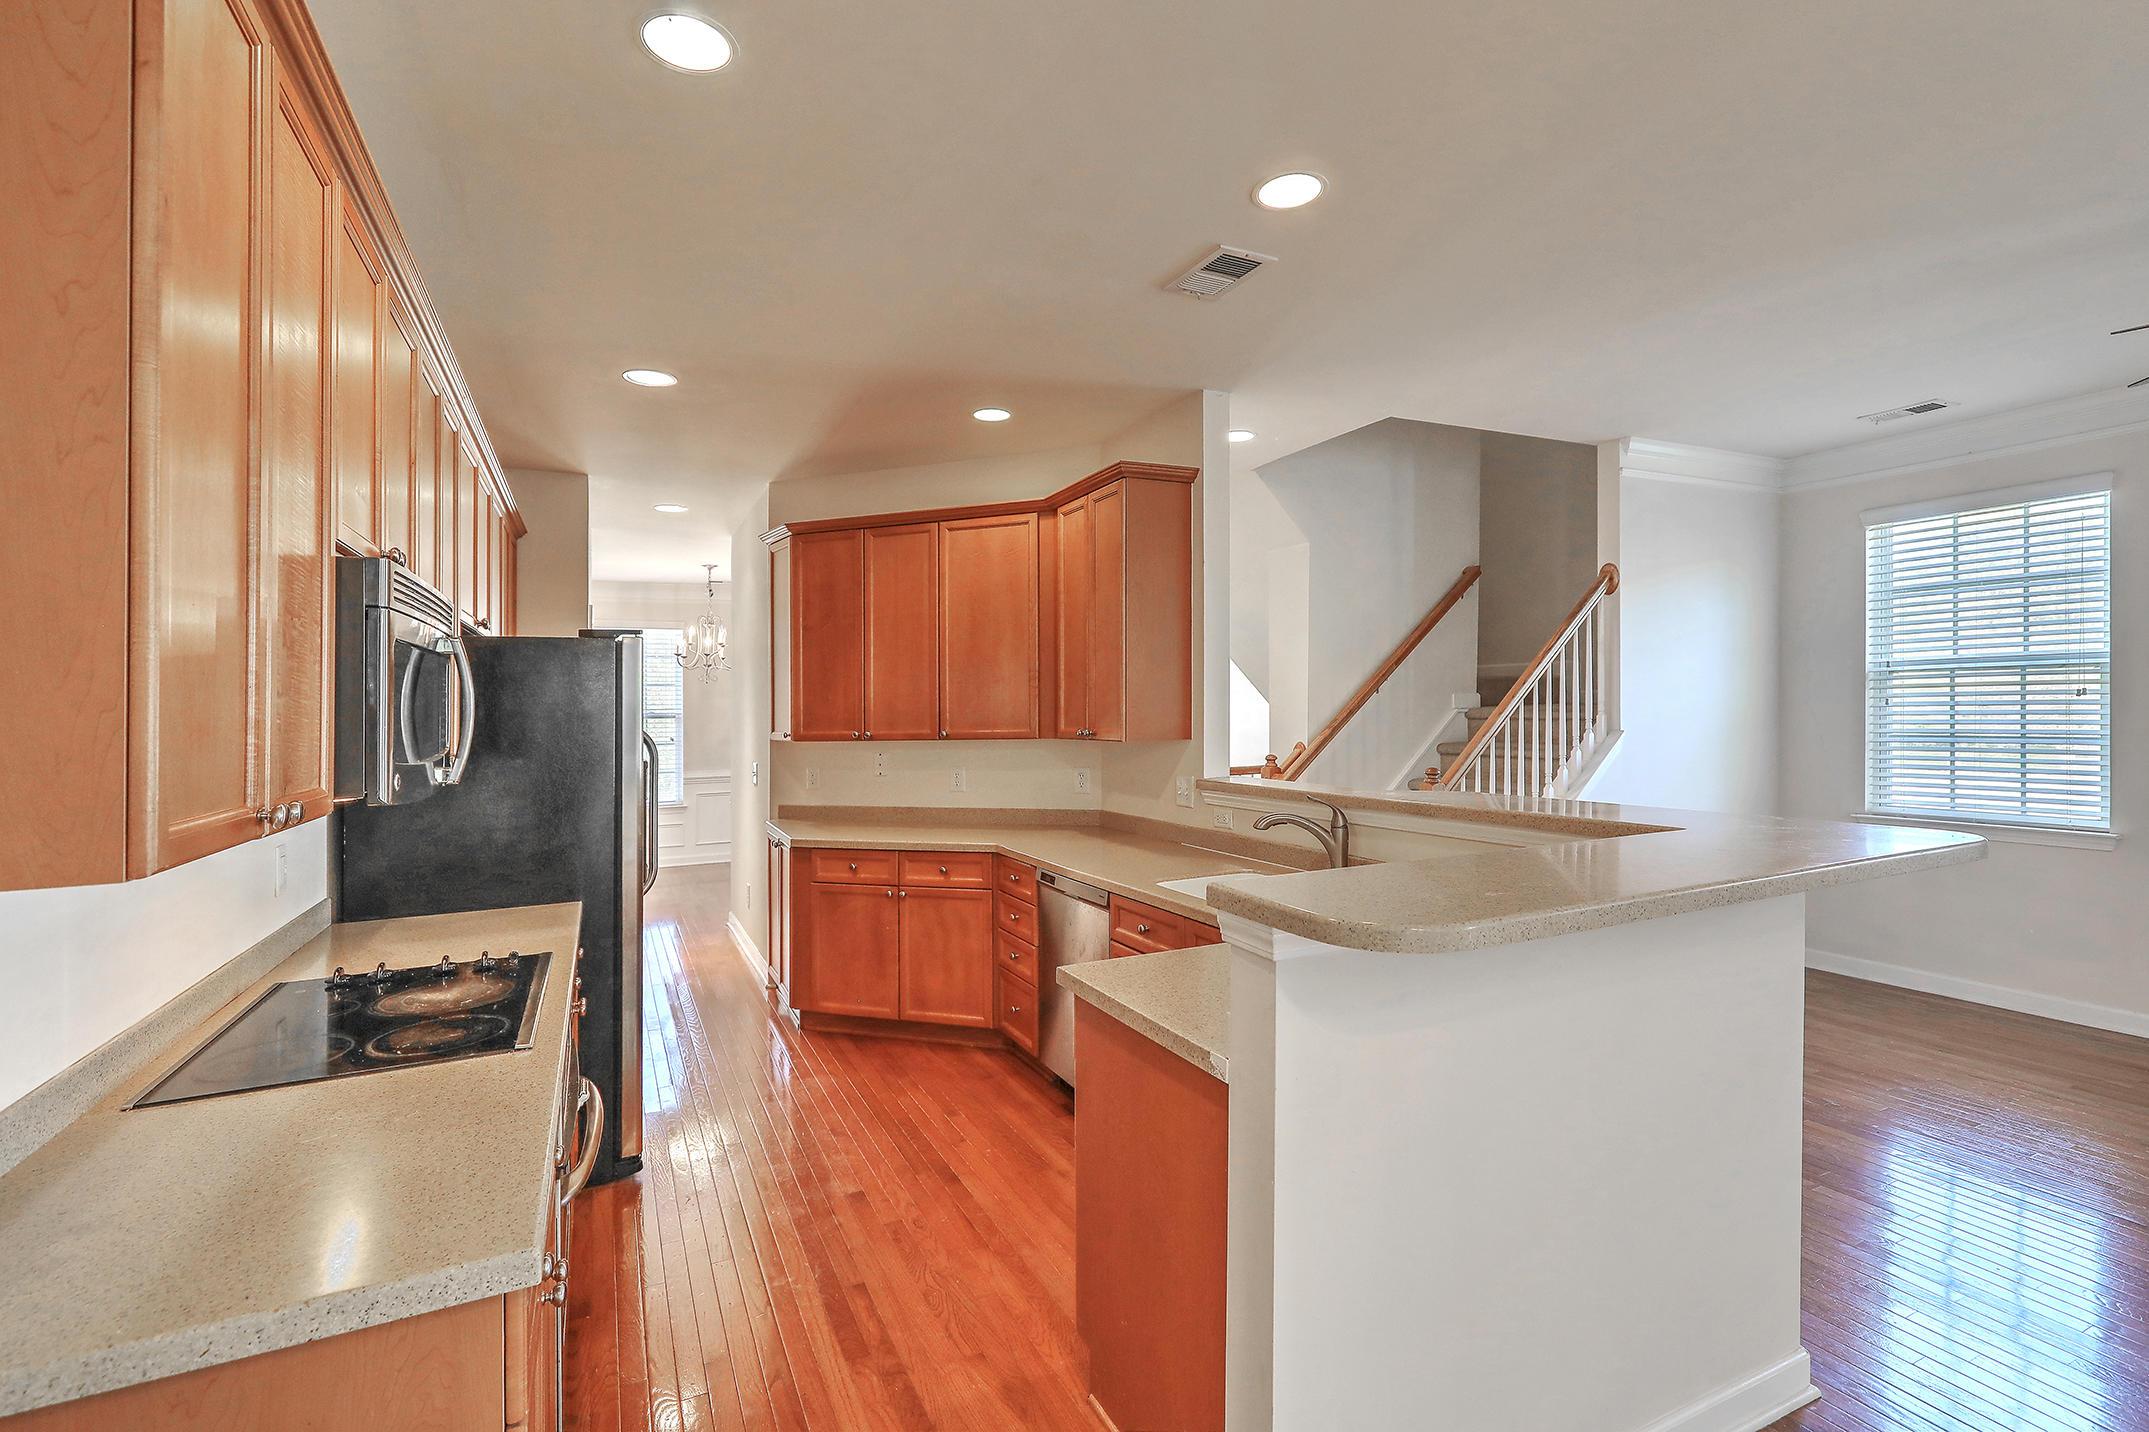 Park West Homes For Sale - 3471 Claremont, Mount Pleasant, SC - 5